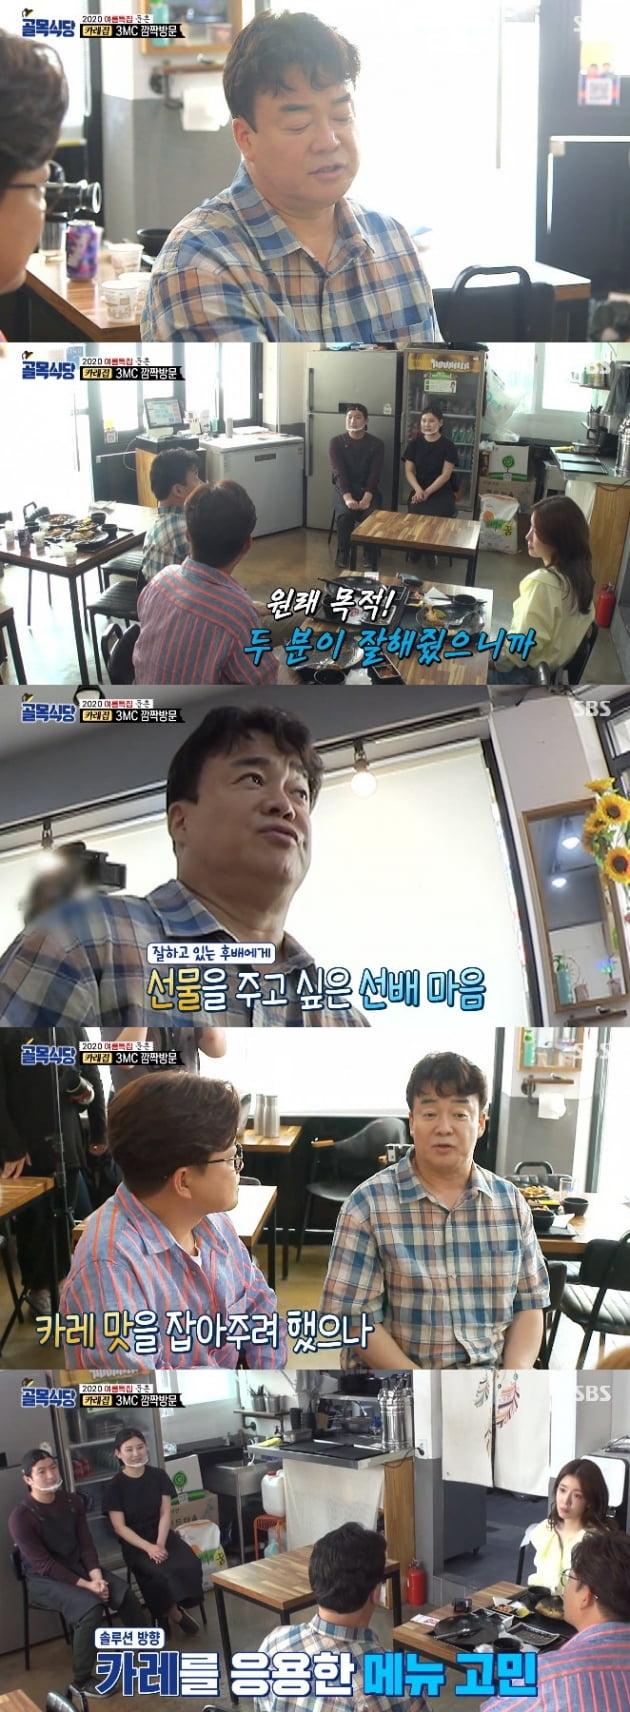 '백종원의 골목식당' 카레집 / 사진 = SBS 영상 캡처